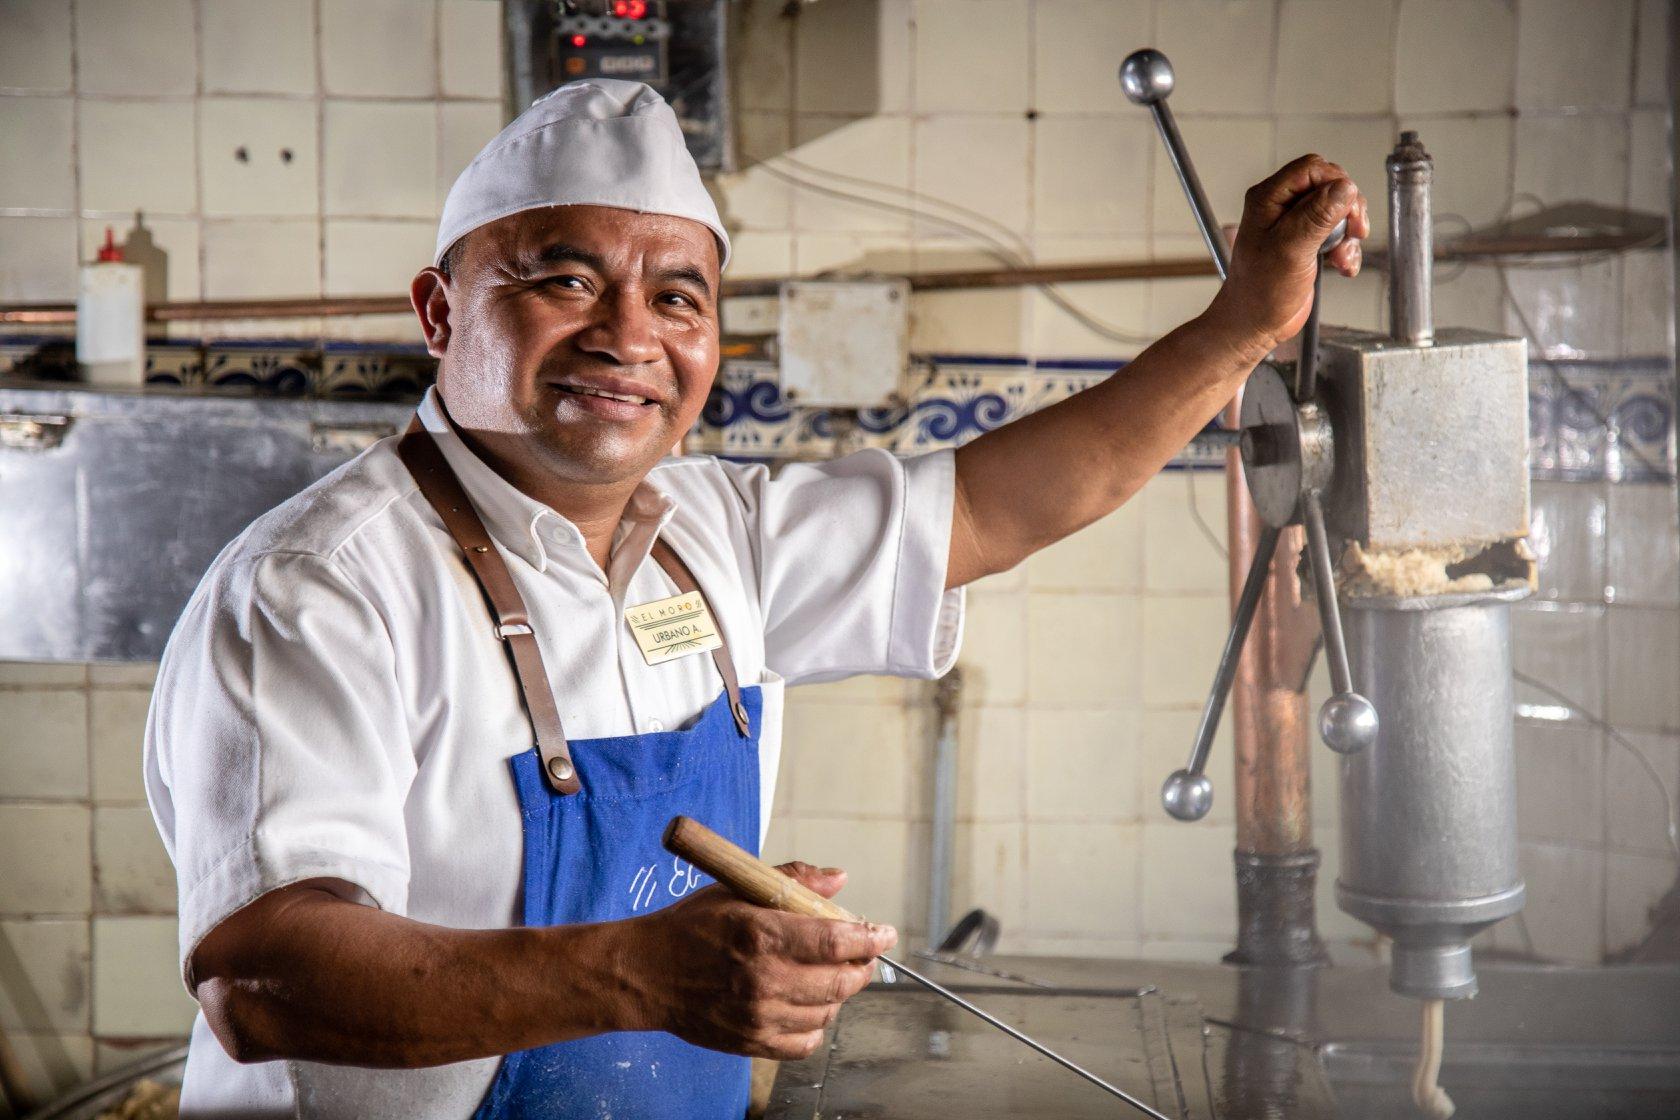 mejores-restaurantes-del-centro-historico-el-moro